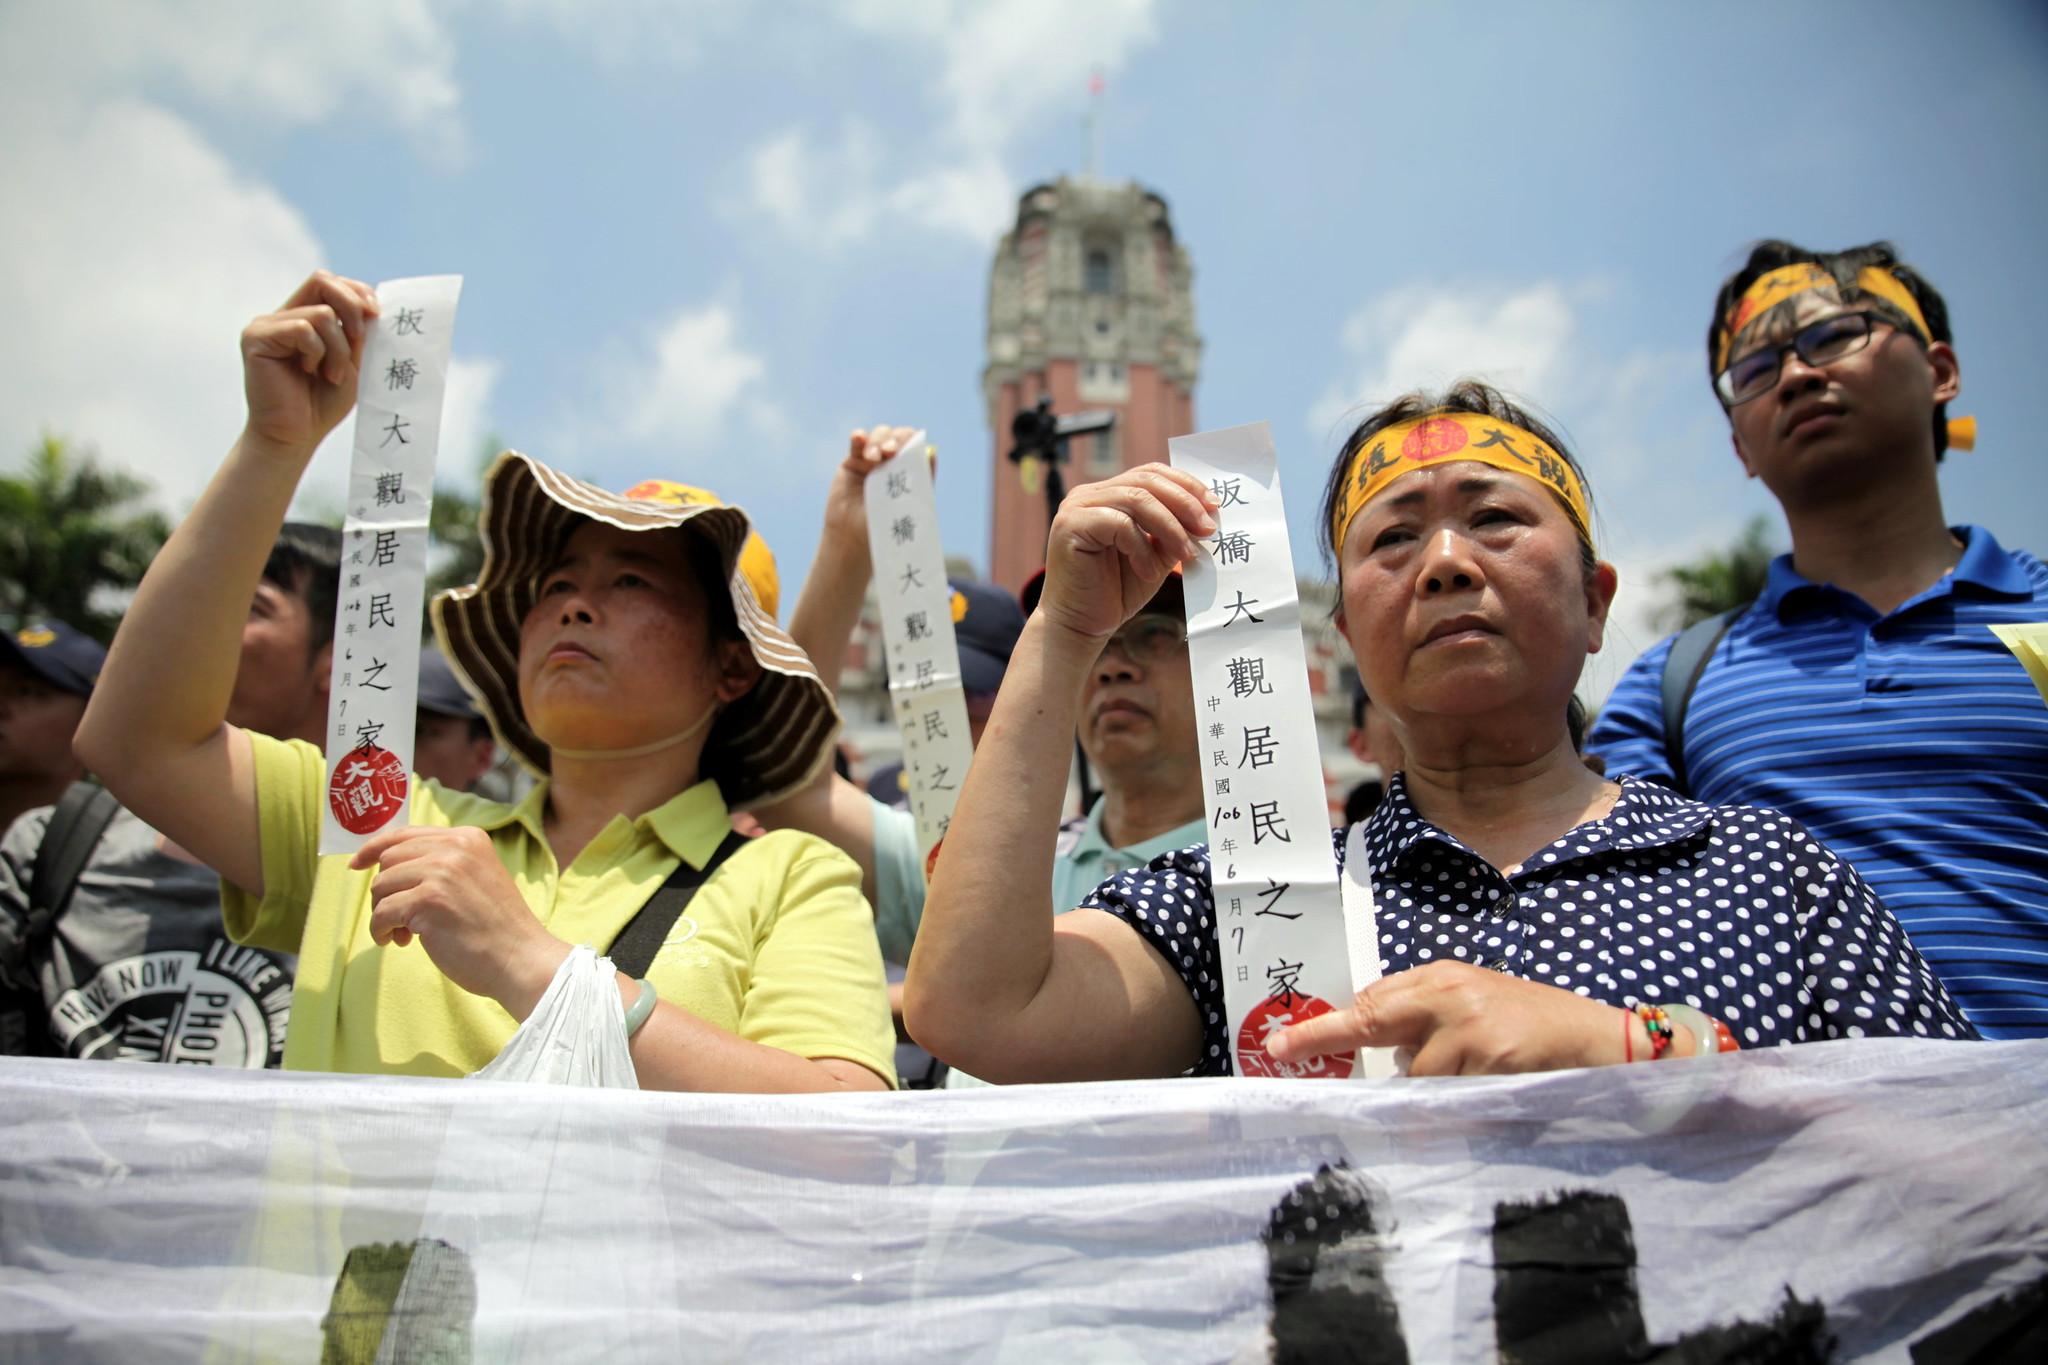 """大观居民在总统府前贴上""""板桥大观居民之家""""的贴纸,表达诉求。"""